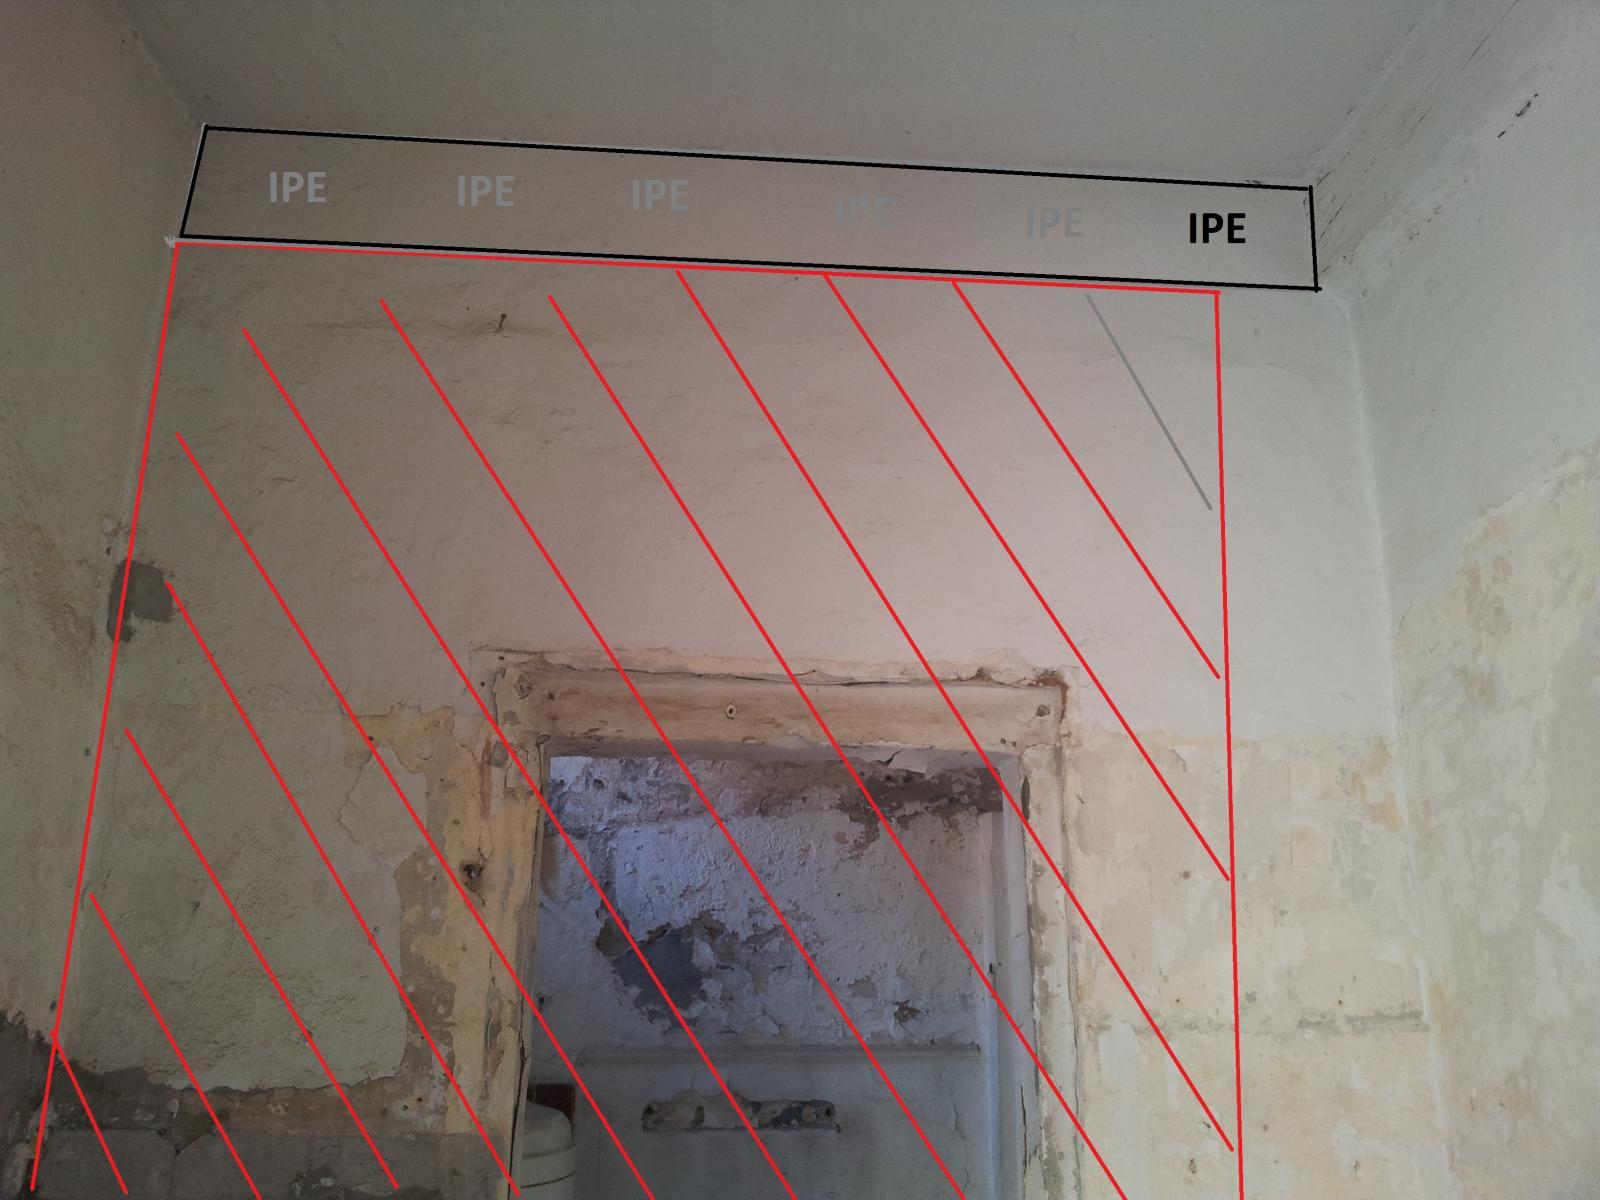 Ouverture sur un mur porteur avec ipe - Ouverture sur un mur porteur ...